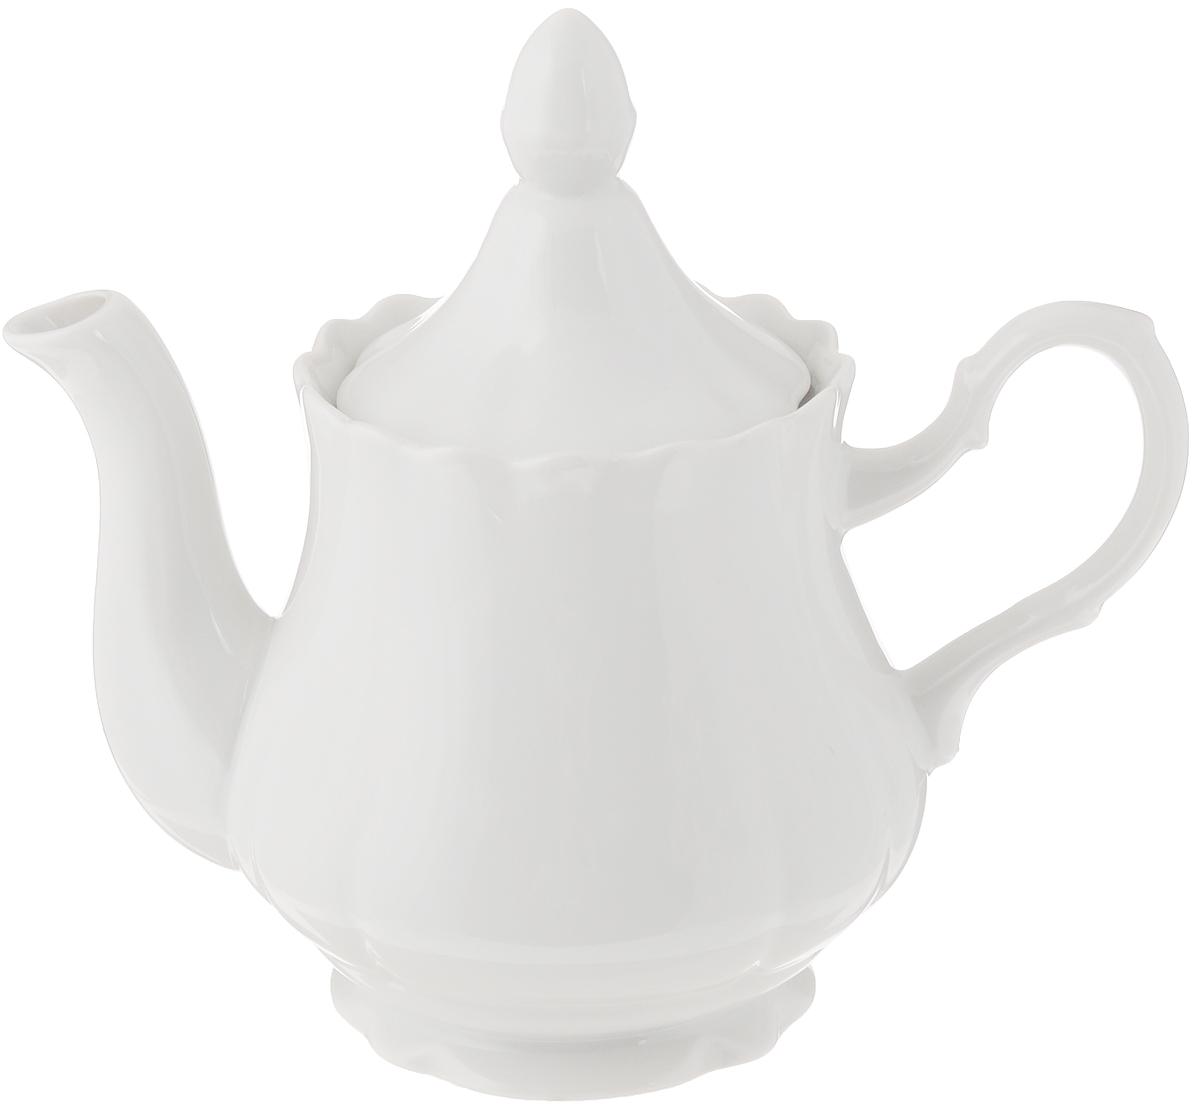 Чайник заварочный Добрушский фарфоровый завод Романс, цвет: белый, 800 млCL-1461_зеленыйЗаварочный чайник Романс выполнен из высококачественного фарфора и покрыт сверкающей глазурью. Изделие оснащено крышкой. Заварочный чайник Романс придется по вкусу и ценителям классики, и тем, кто предпочитает современный стиль.Диаметр (по верхнему краю): 9 см. Высота чайника (без учета крышки): 12 см.